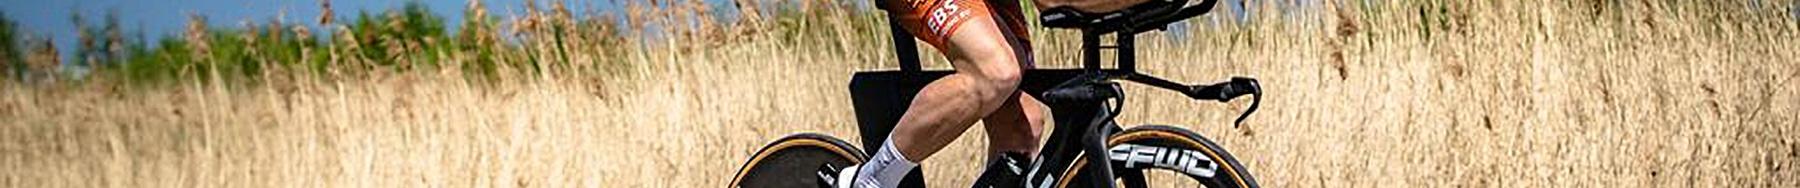 FFWD Wheels Triathlon Carbon Cycling Wheels